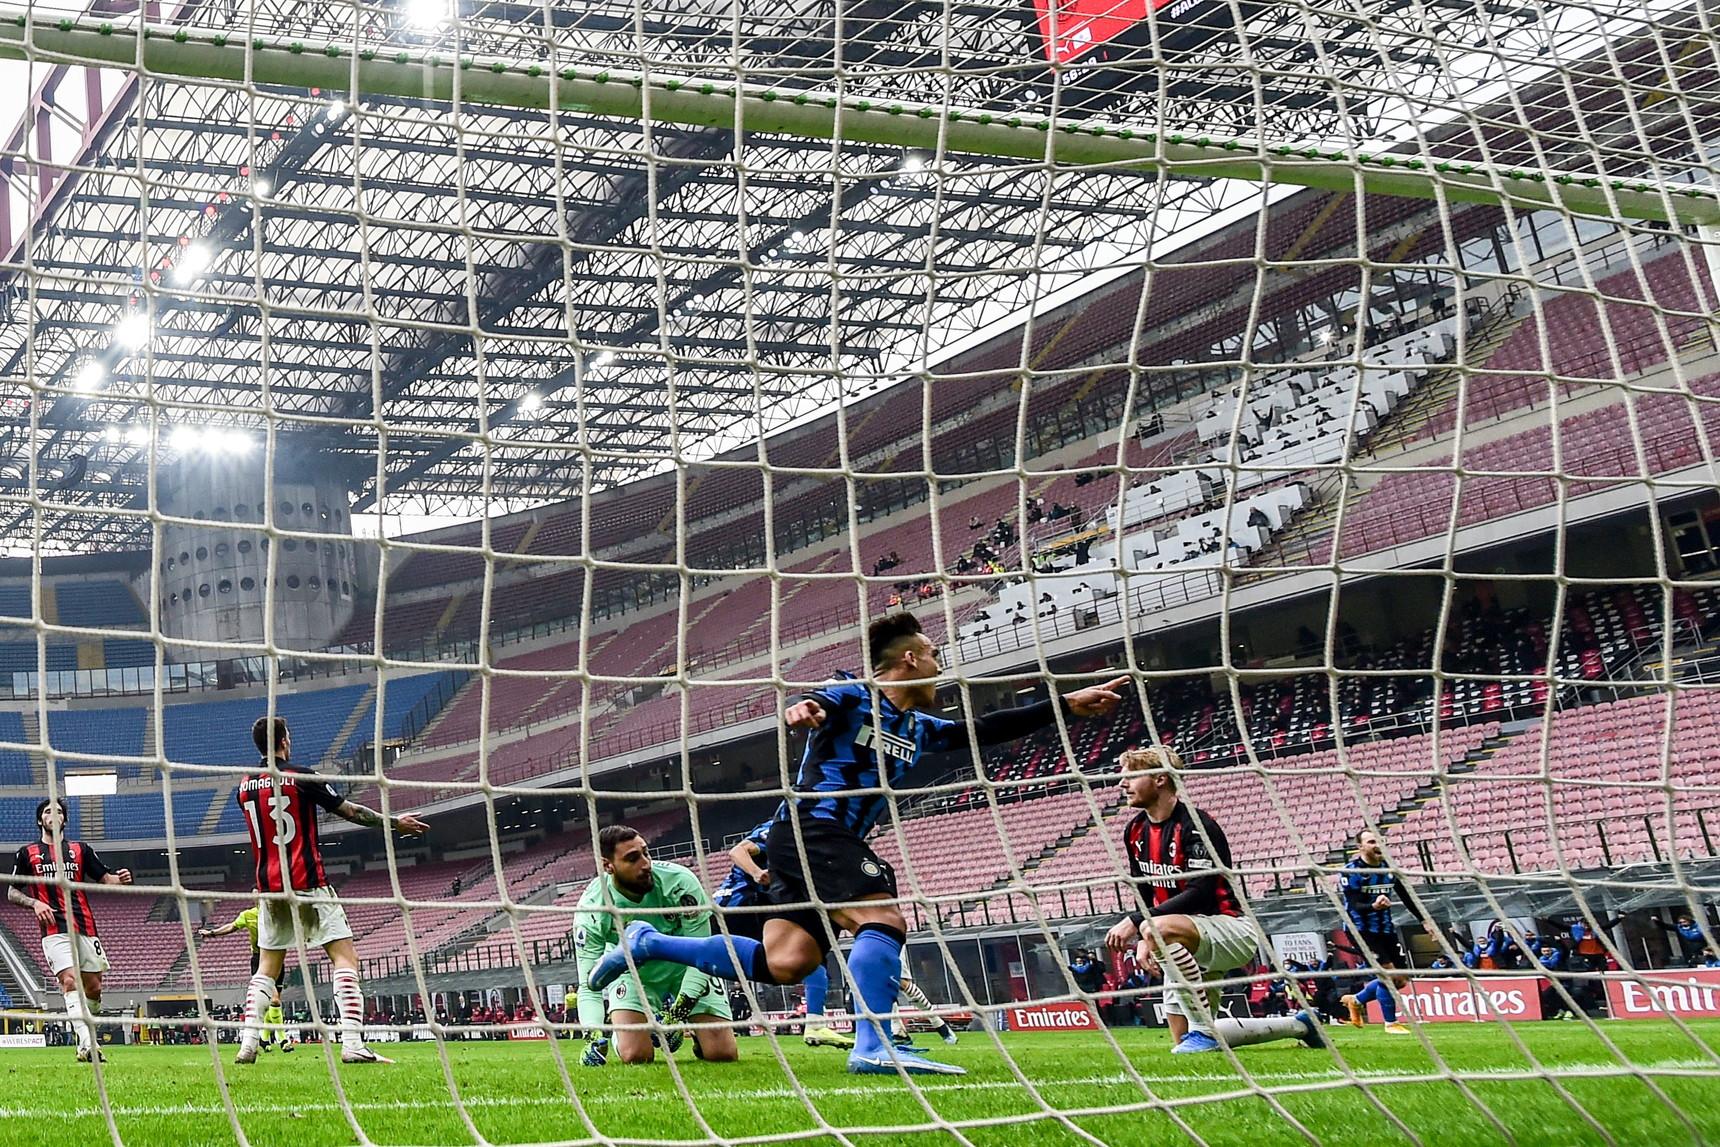 Milan-Inter 0-3, 21 febbraio: dopo il sorpasso, la fuga con il bel successo nel derby